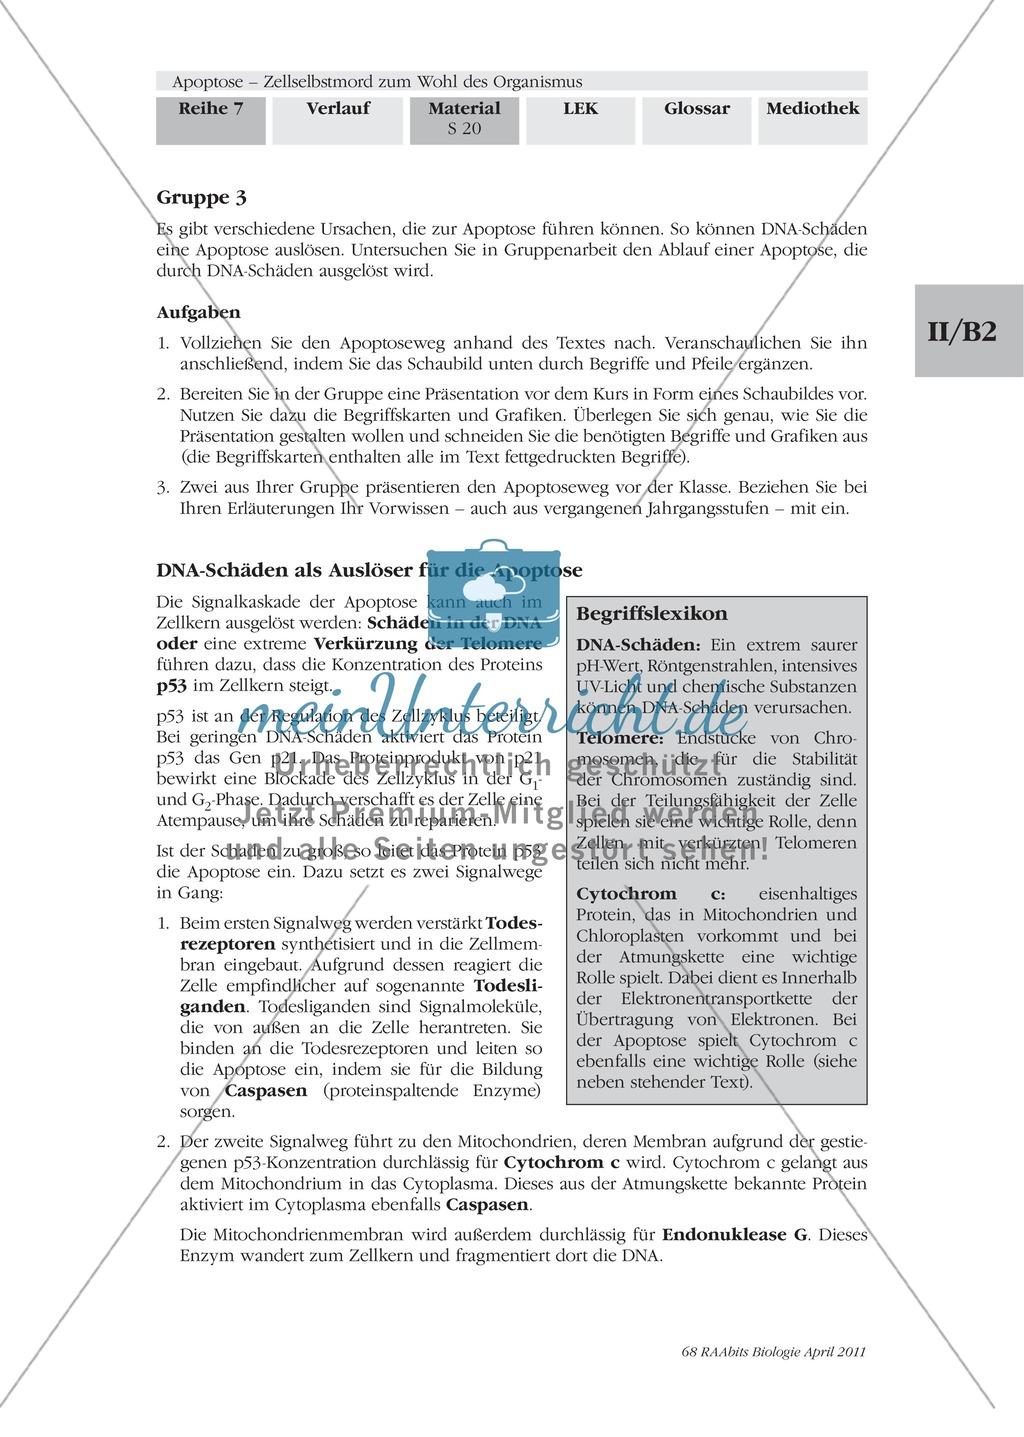 Definition, Wege und Auslöser der Apoptose: Texte, Abbildungen Preview 8